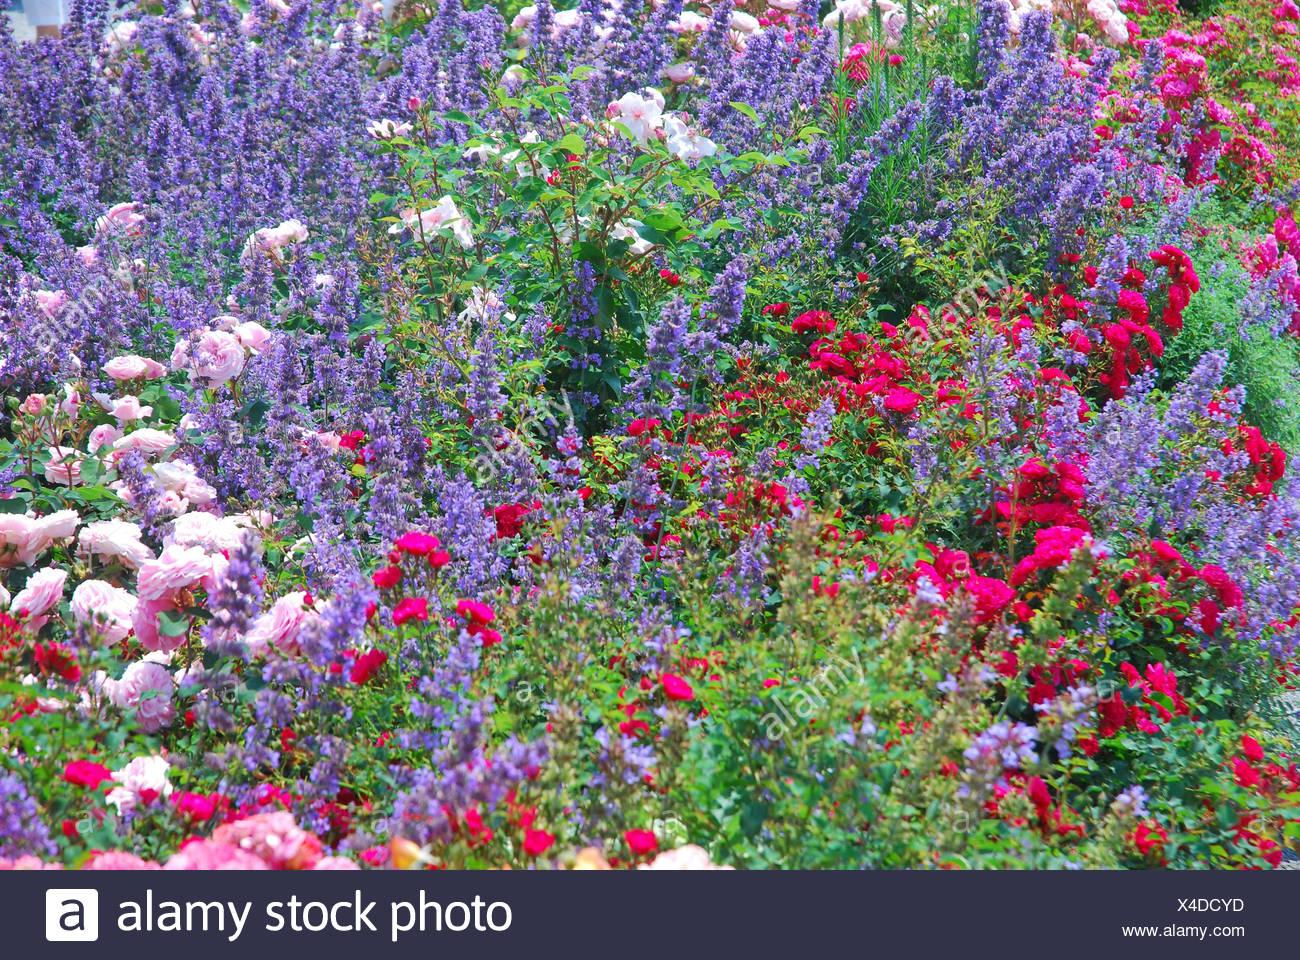 Geliebte Sommergarten, Blumenbeet, Rosen, Lavendel Stockfoto, Bild #MI_37